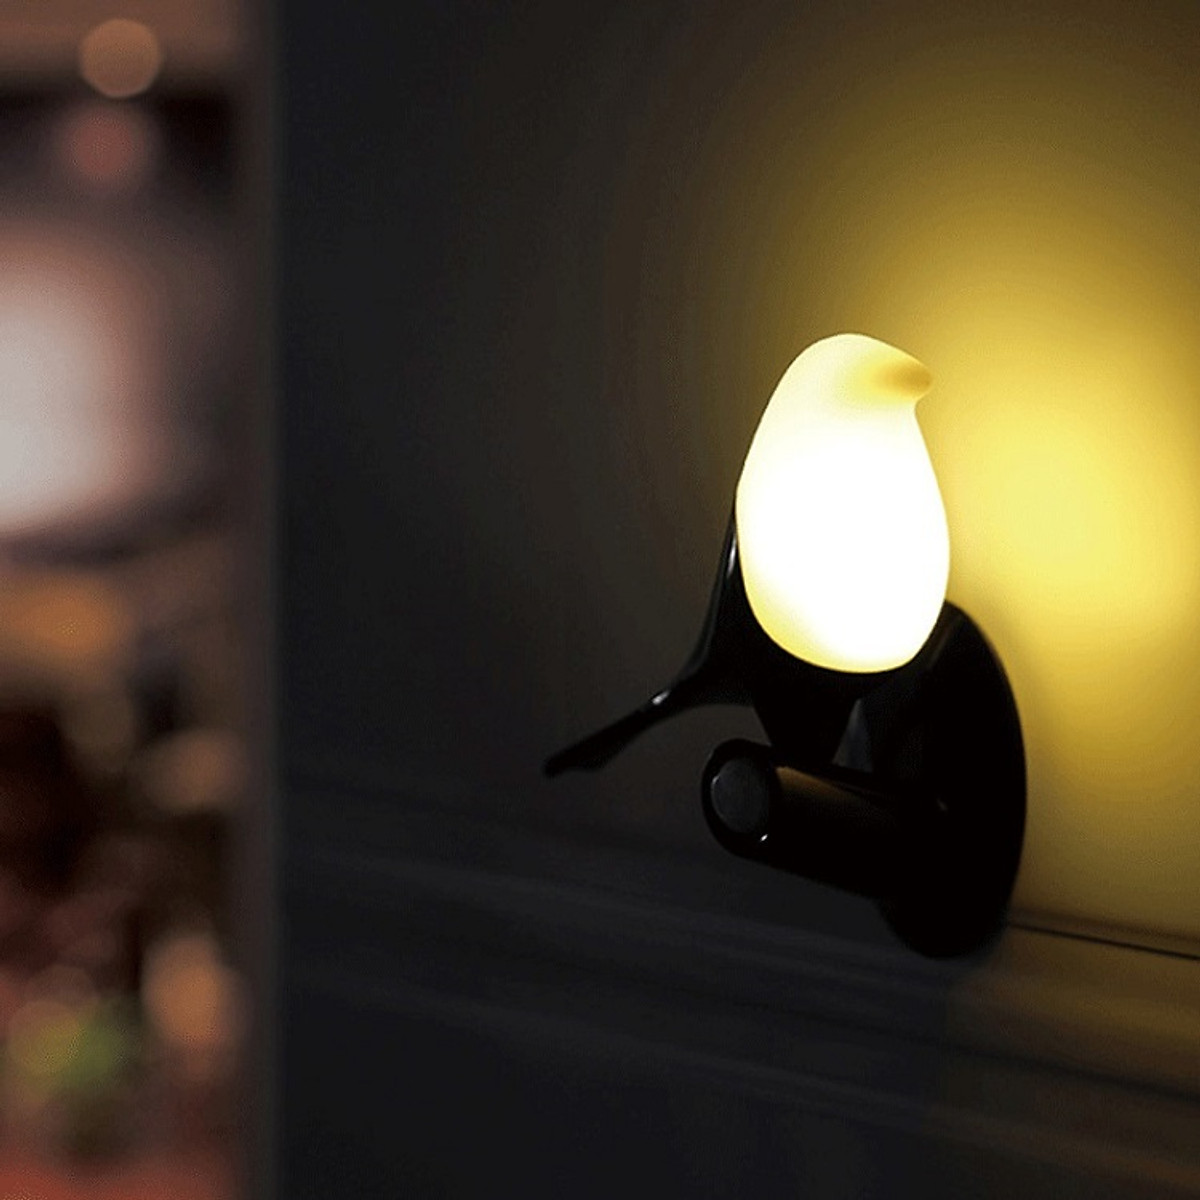 Đèn ngủ tích điện cảm biến chuyển động hồng ngoại cao cấp mô hình chim - Hàng nhập khẩu